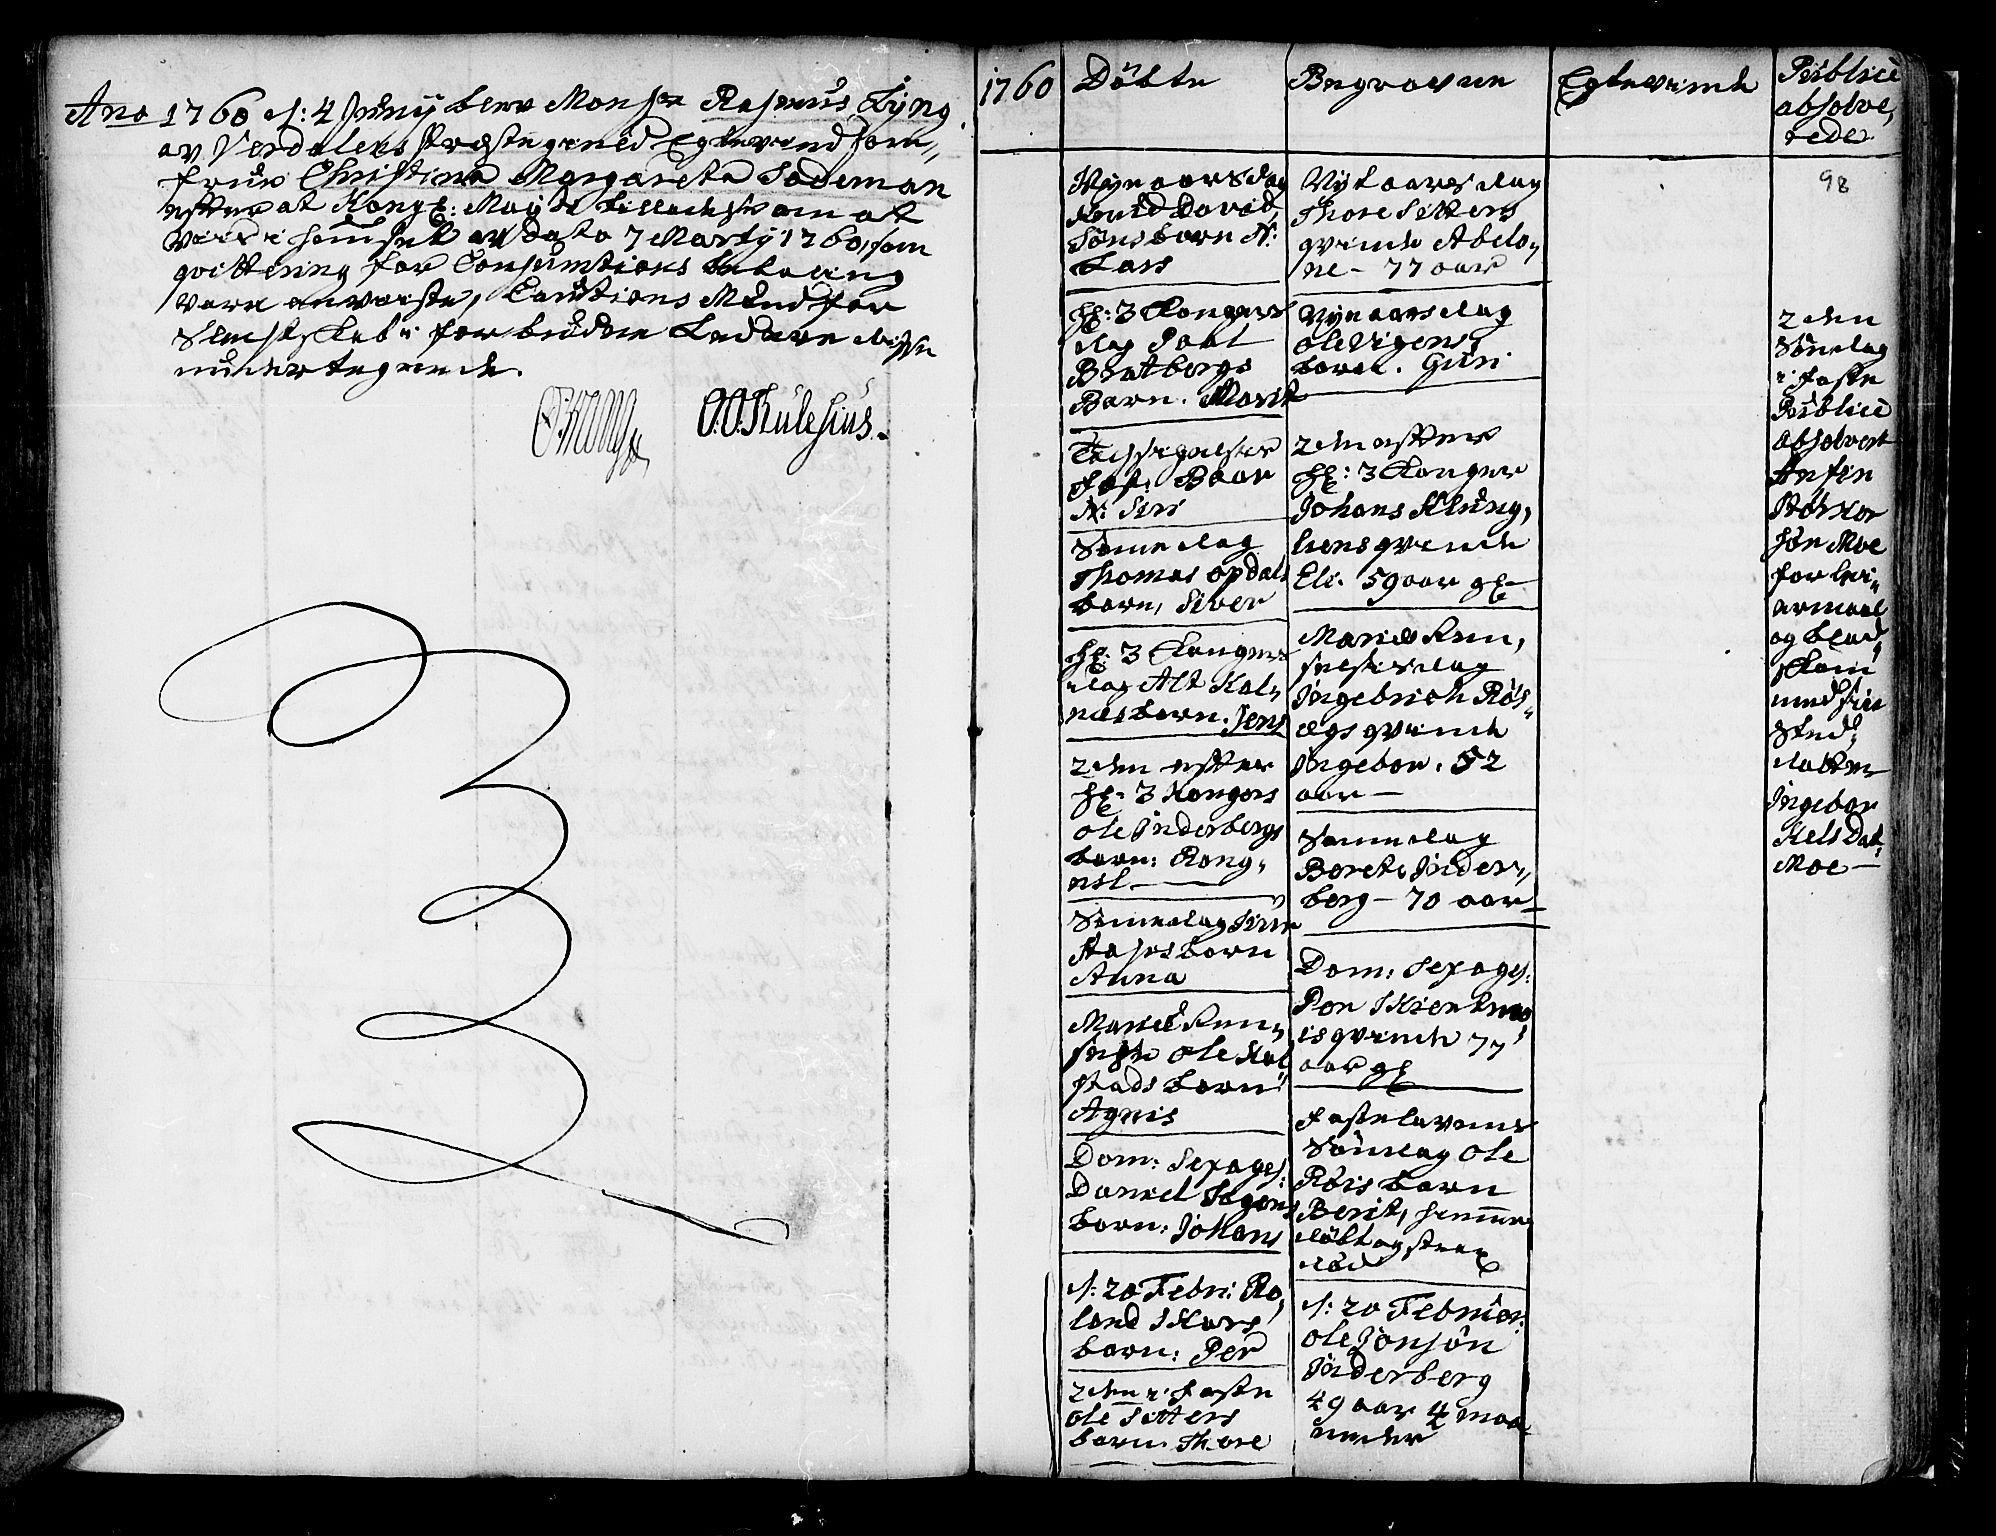 SAT, Ministerialprotokoller, klokkerbøker og fødselsregistre - Nord-Trøndelag, 741/L0385: Ministerialbok nr. 741A01, 1722-1815, s. 98